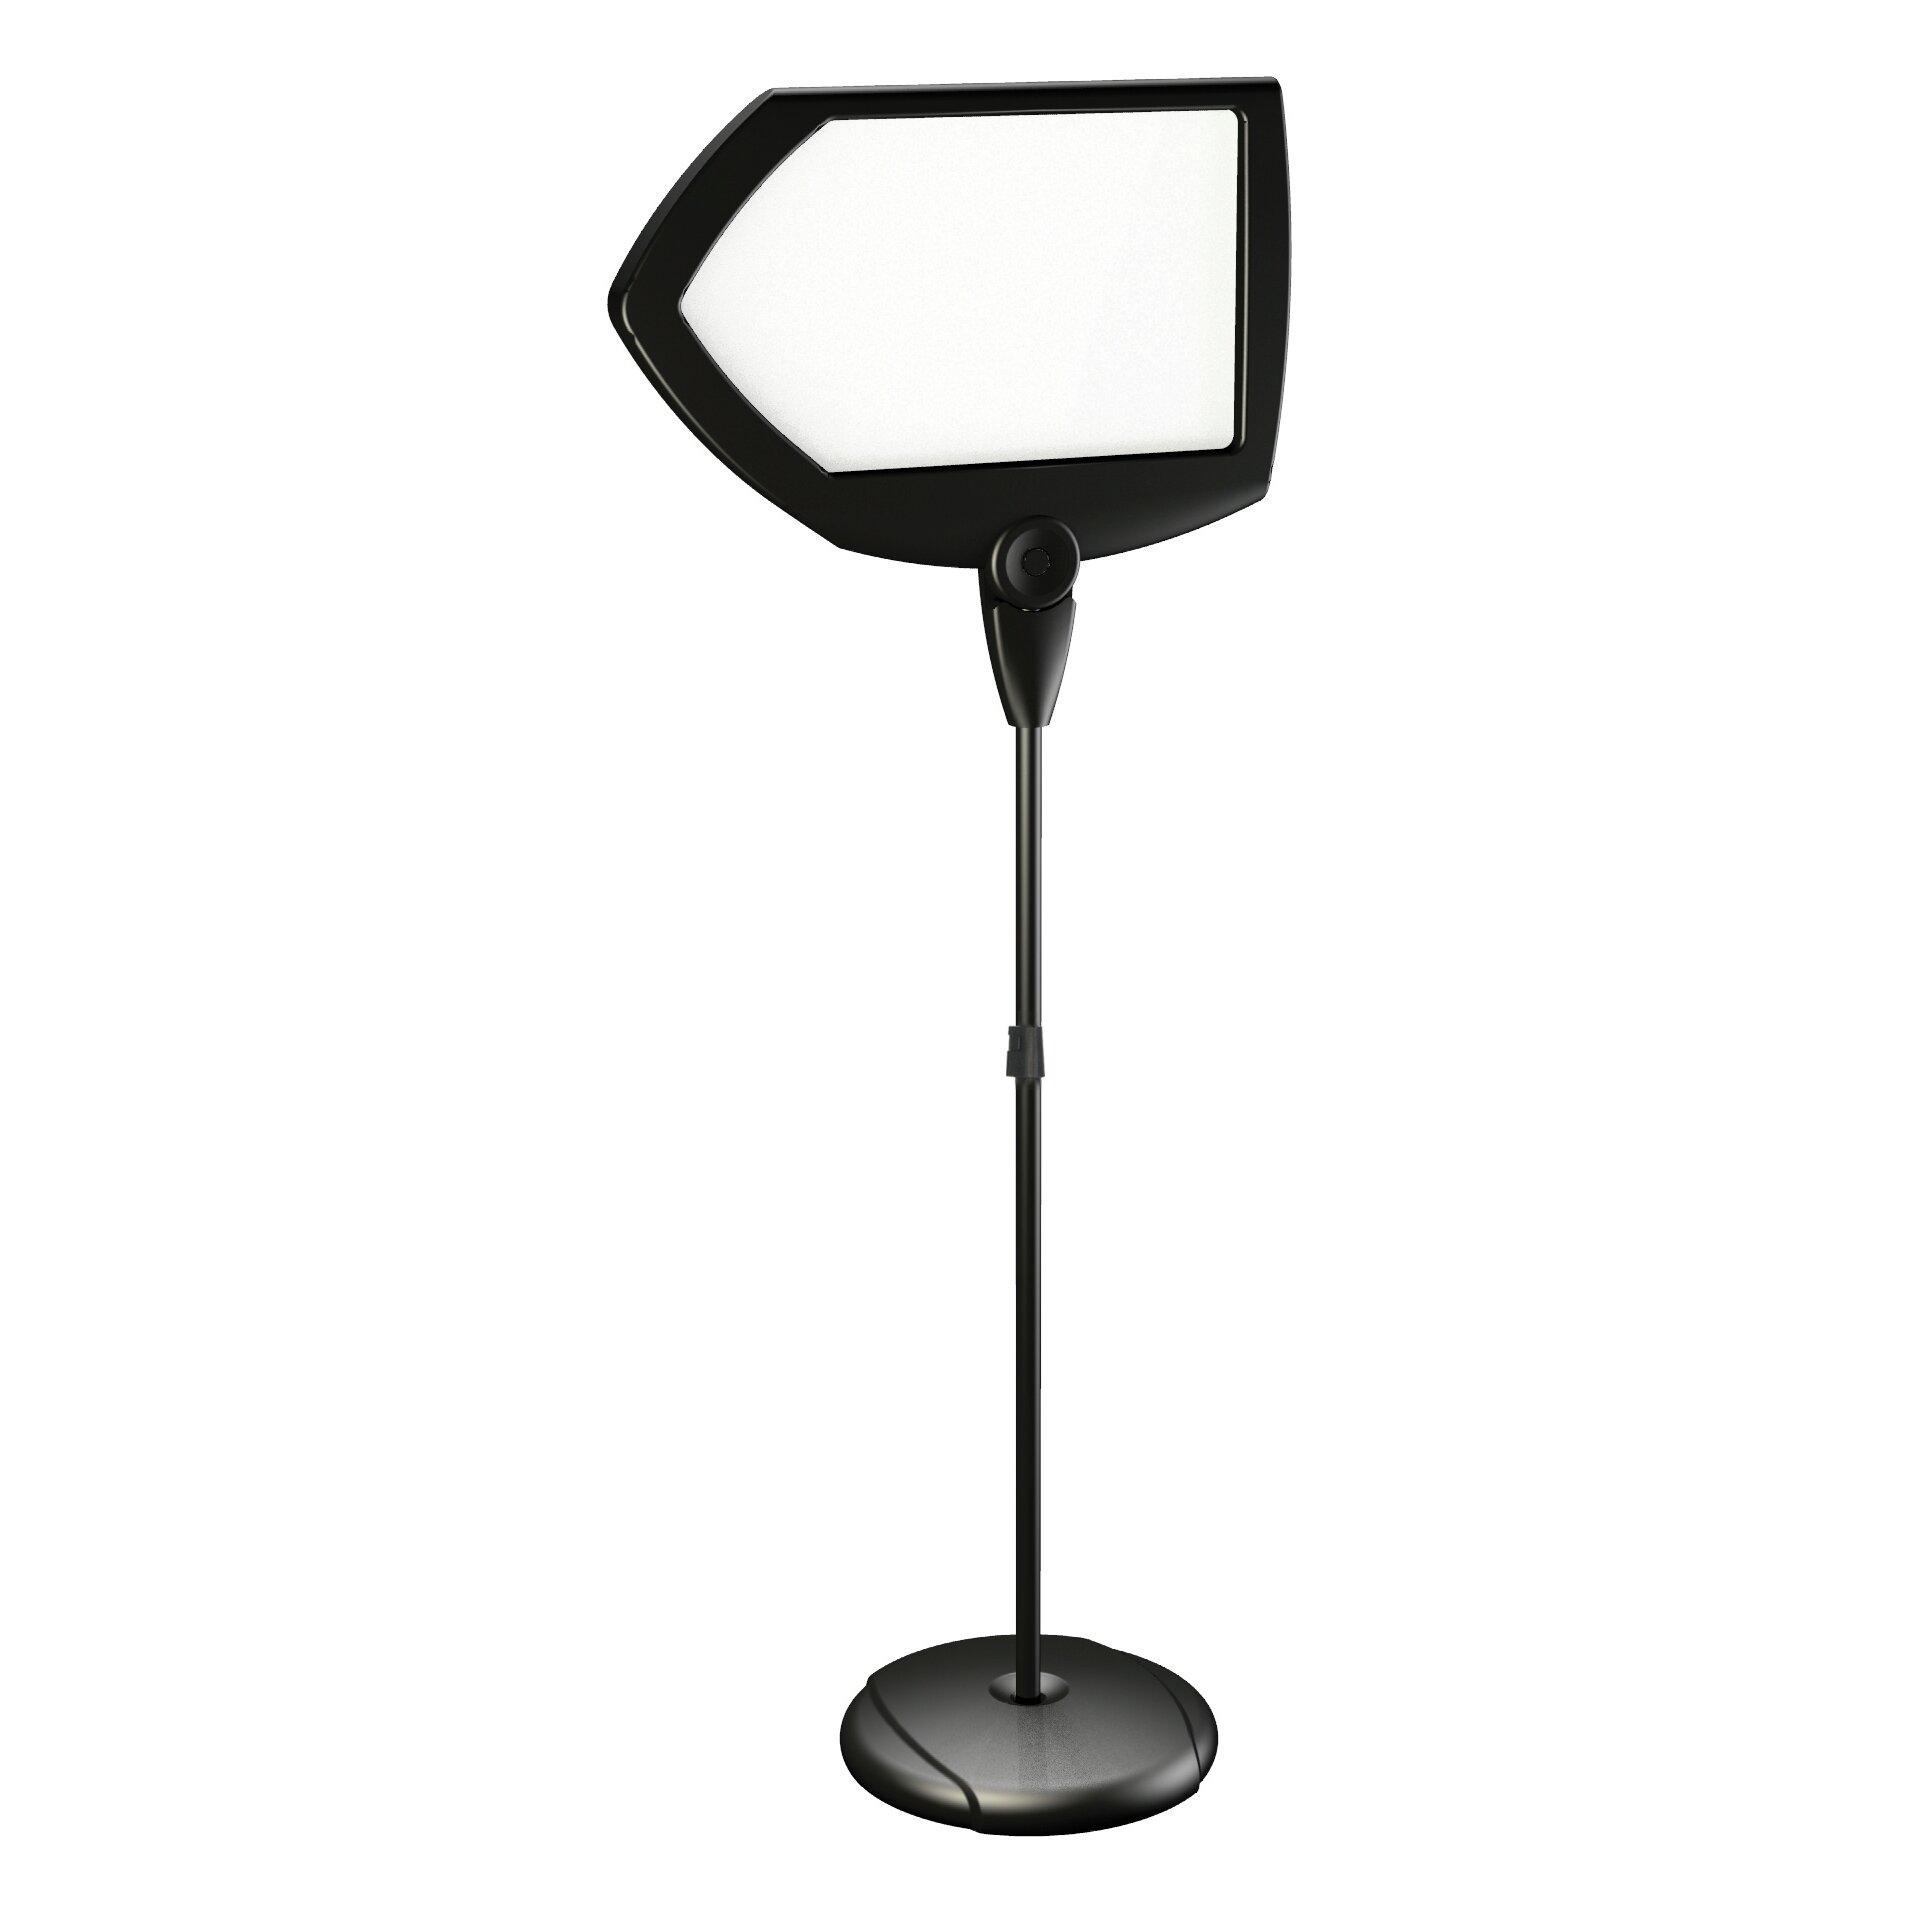 mastervision floor stand sign holder wayfair. Black Bedroom Furniture Sets. Home Design Ideas